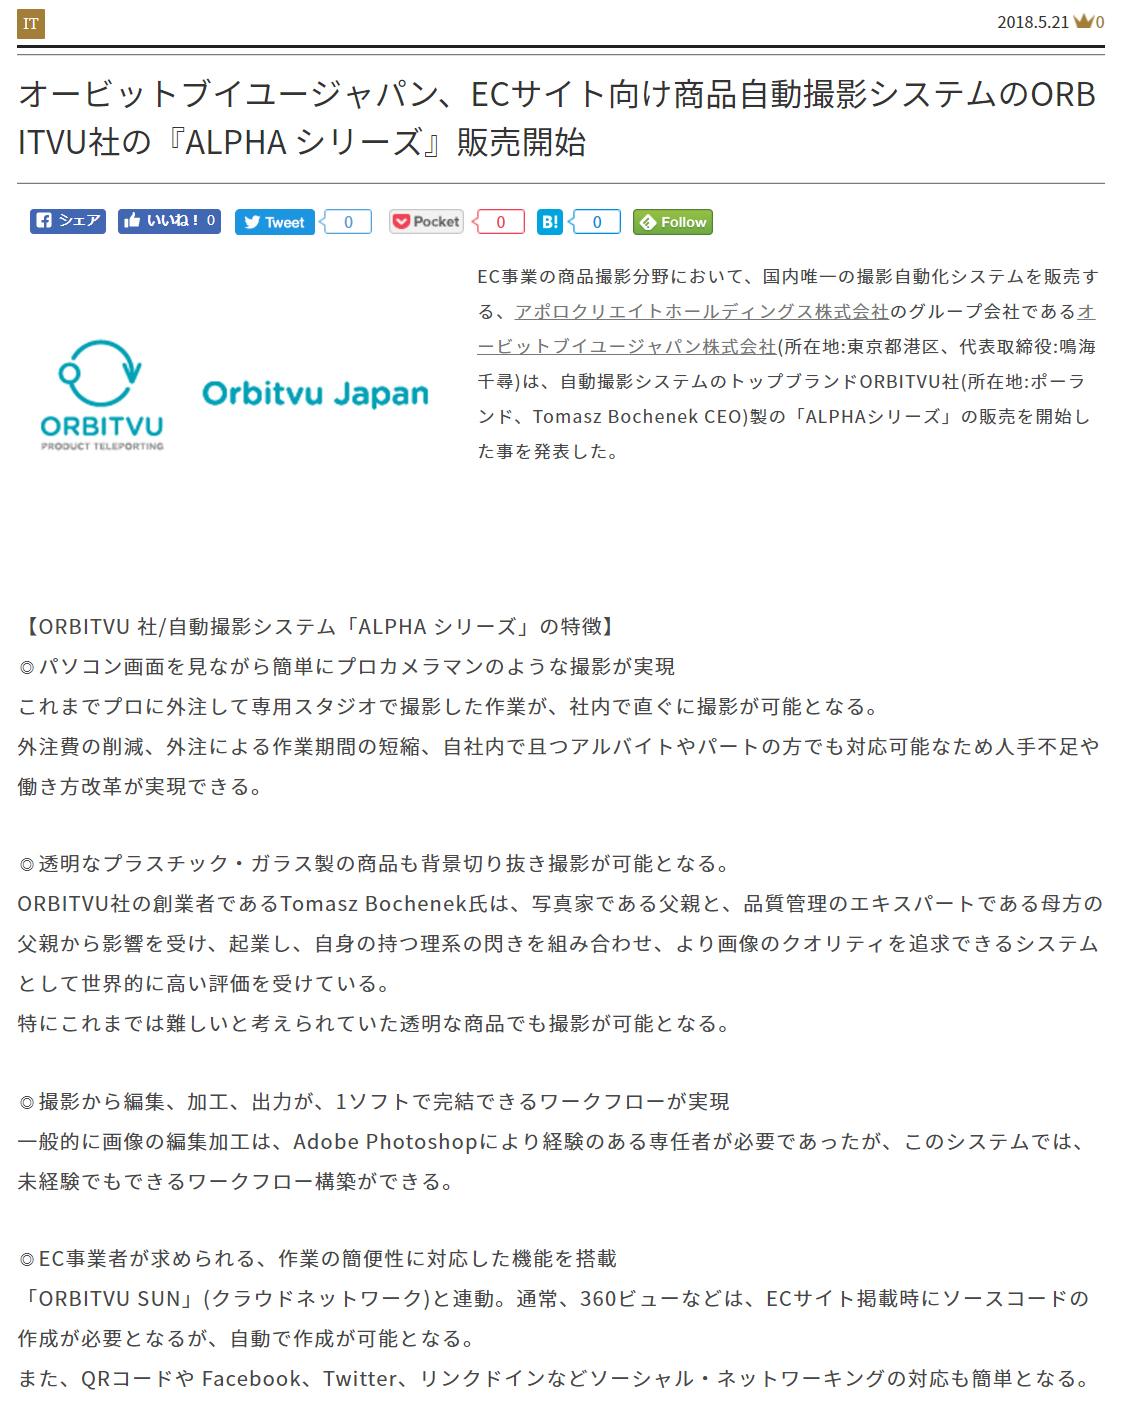 オービットブイユージャパンがベンチャータイムスに掲載されました